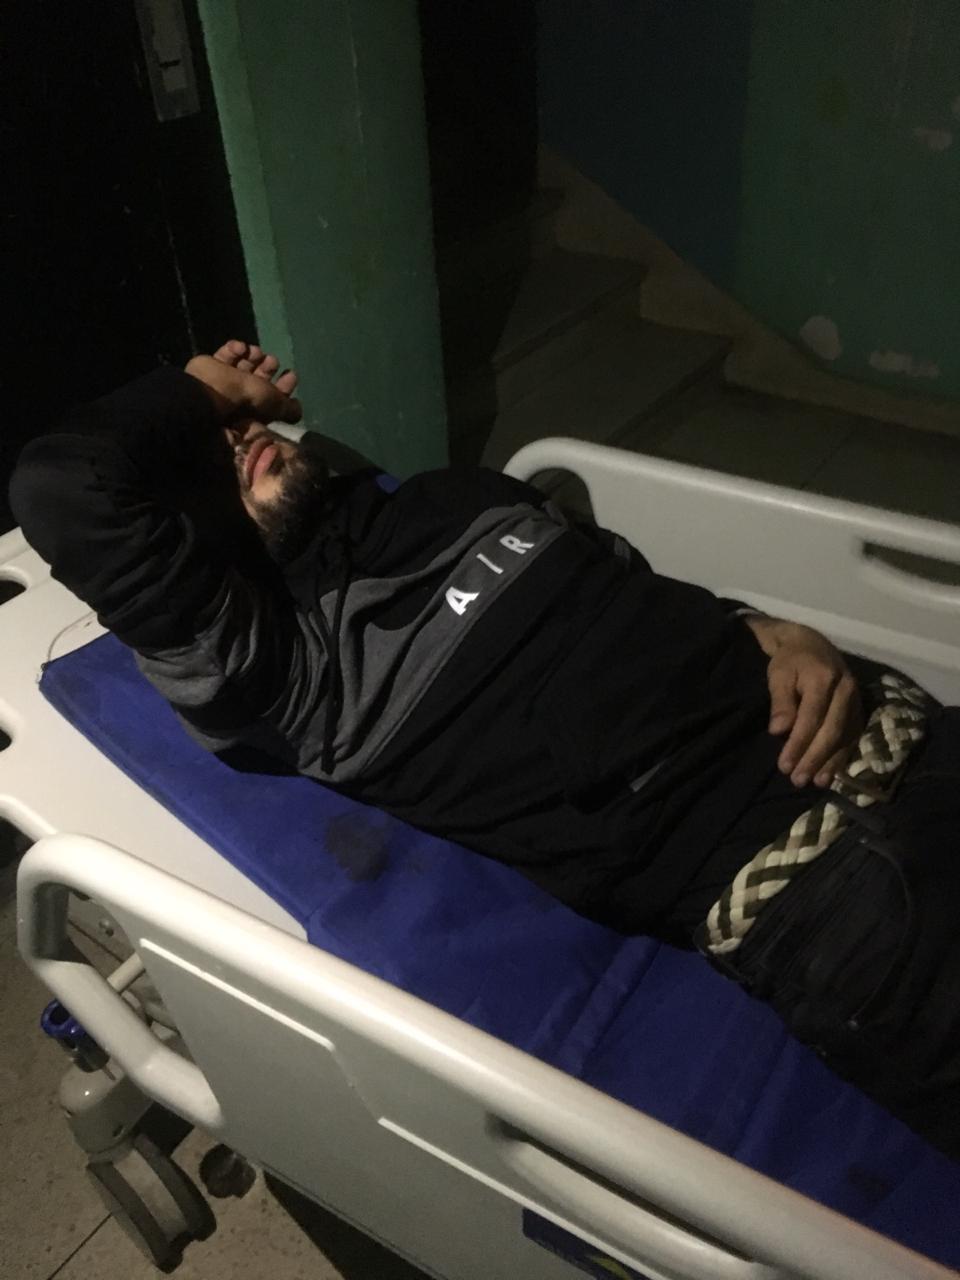 فيديو وصور : كابو التراس فيداين بالمستشفى الحسني بعد دهسه من طرف رئيس هلال الناظور